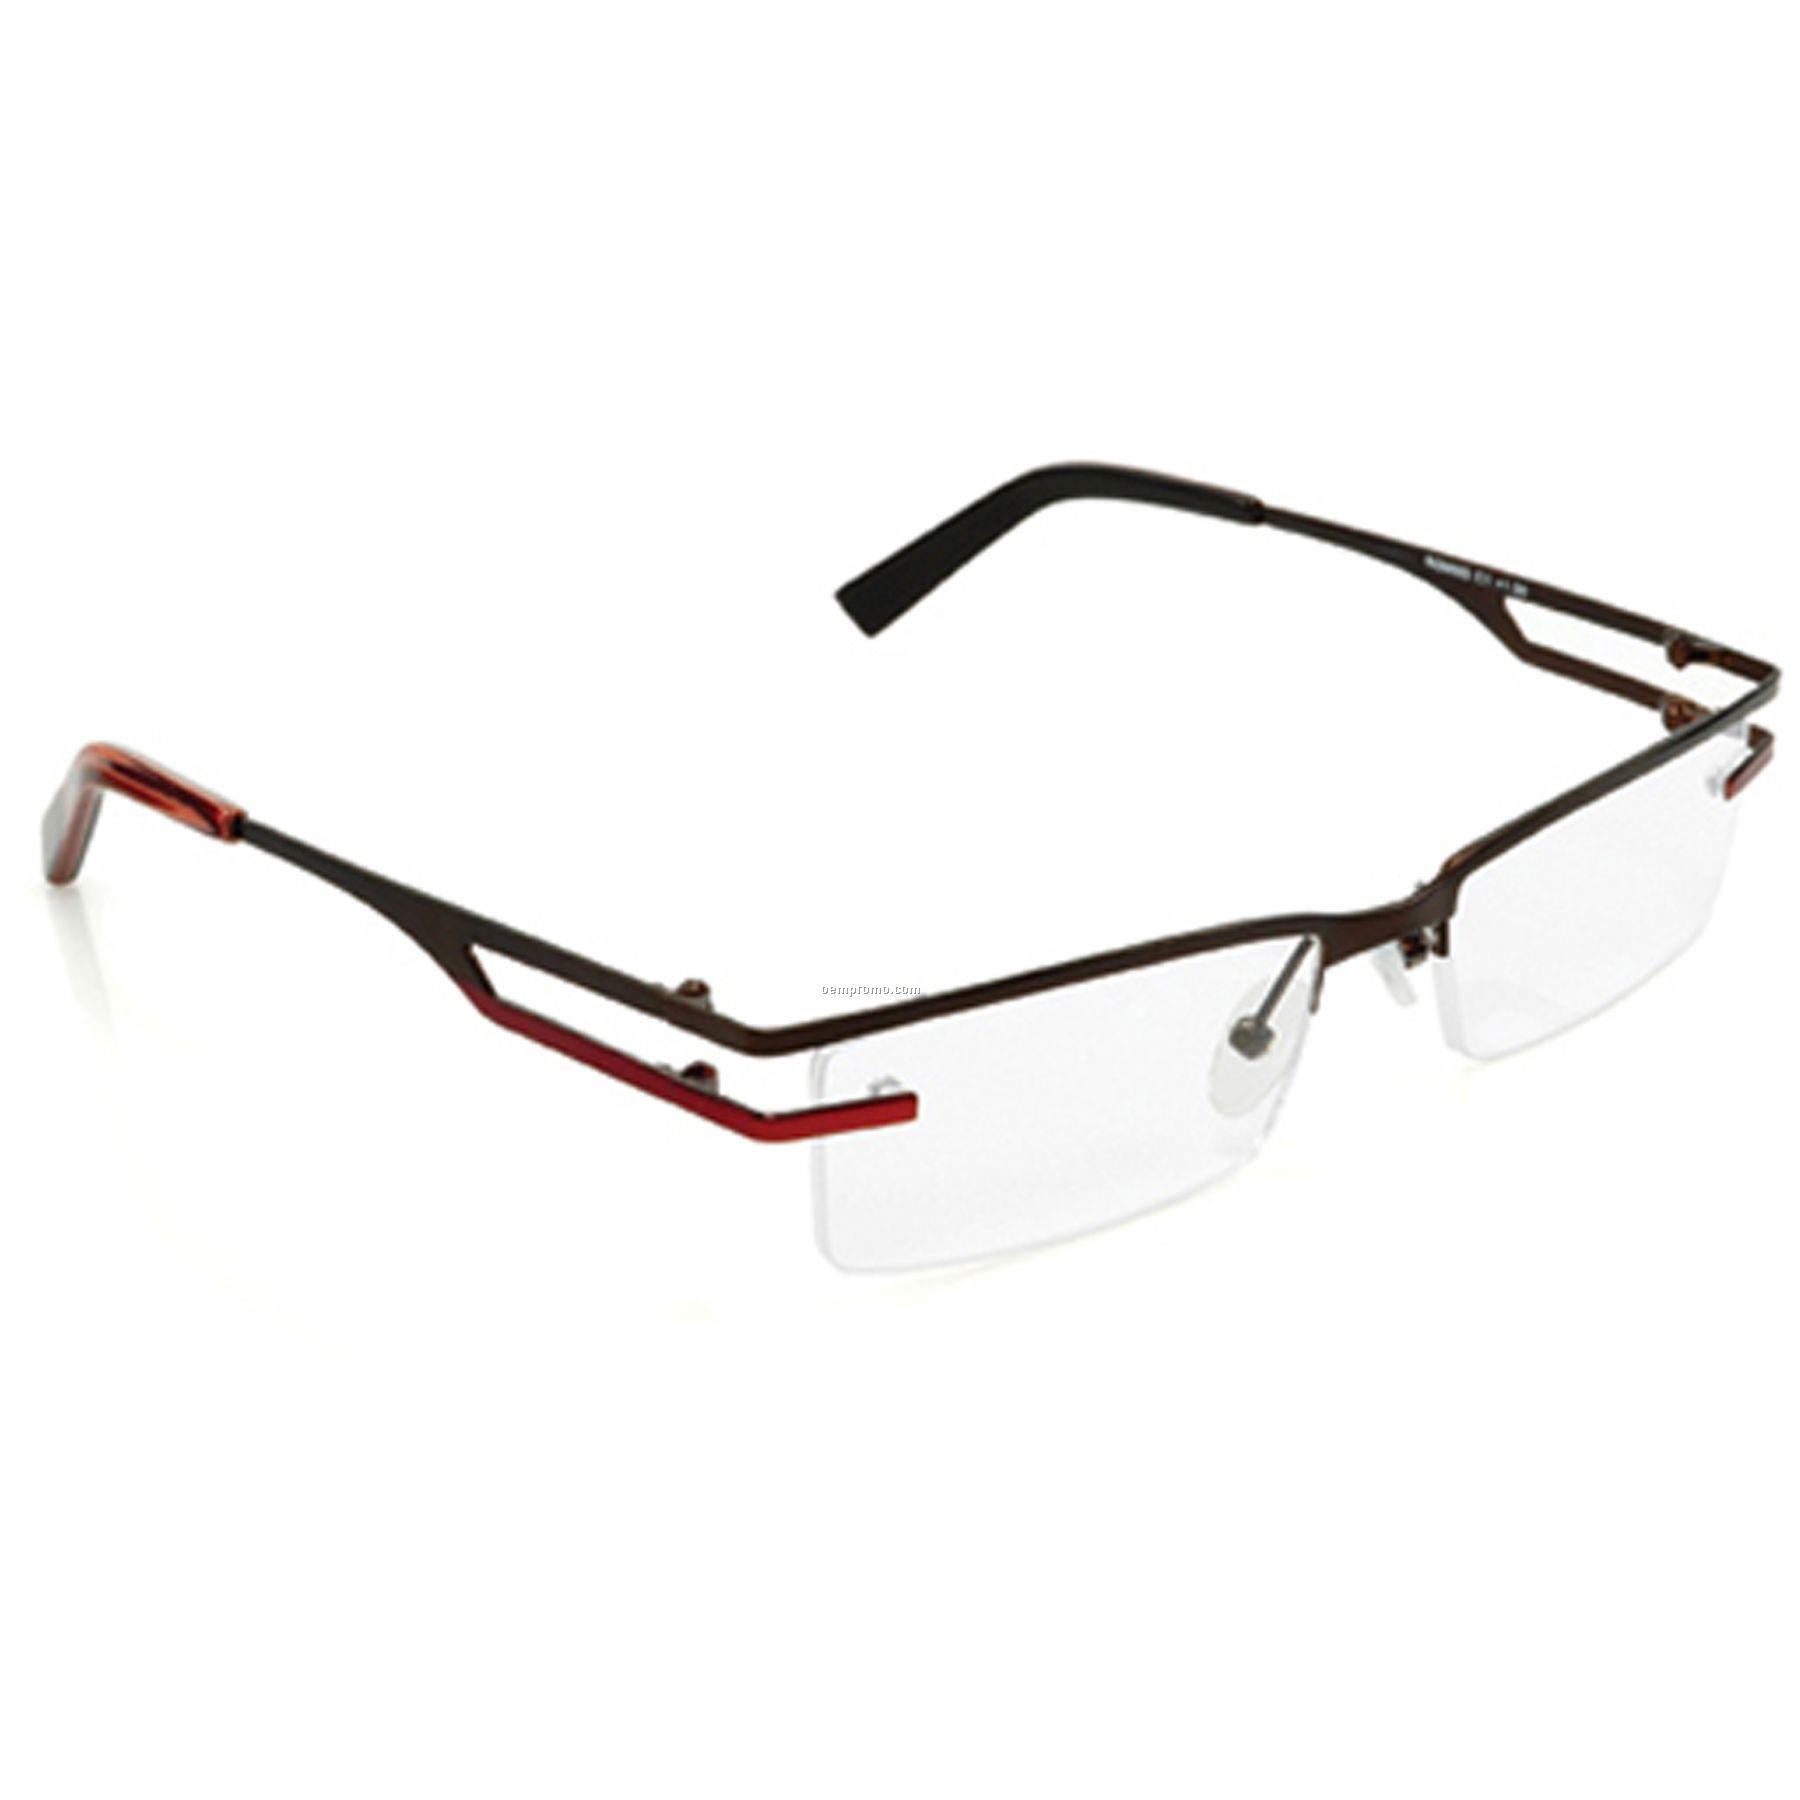 eyeglasses china wholesale eyeglasses page 10